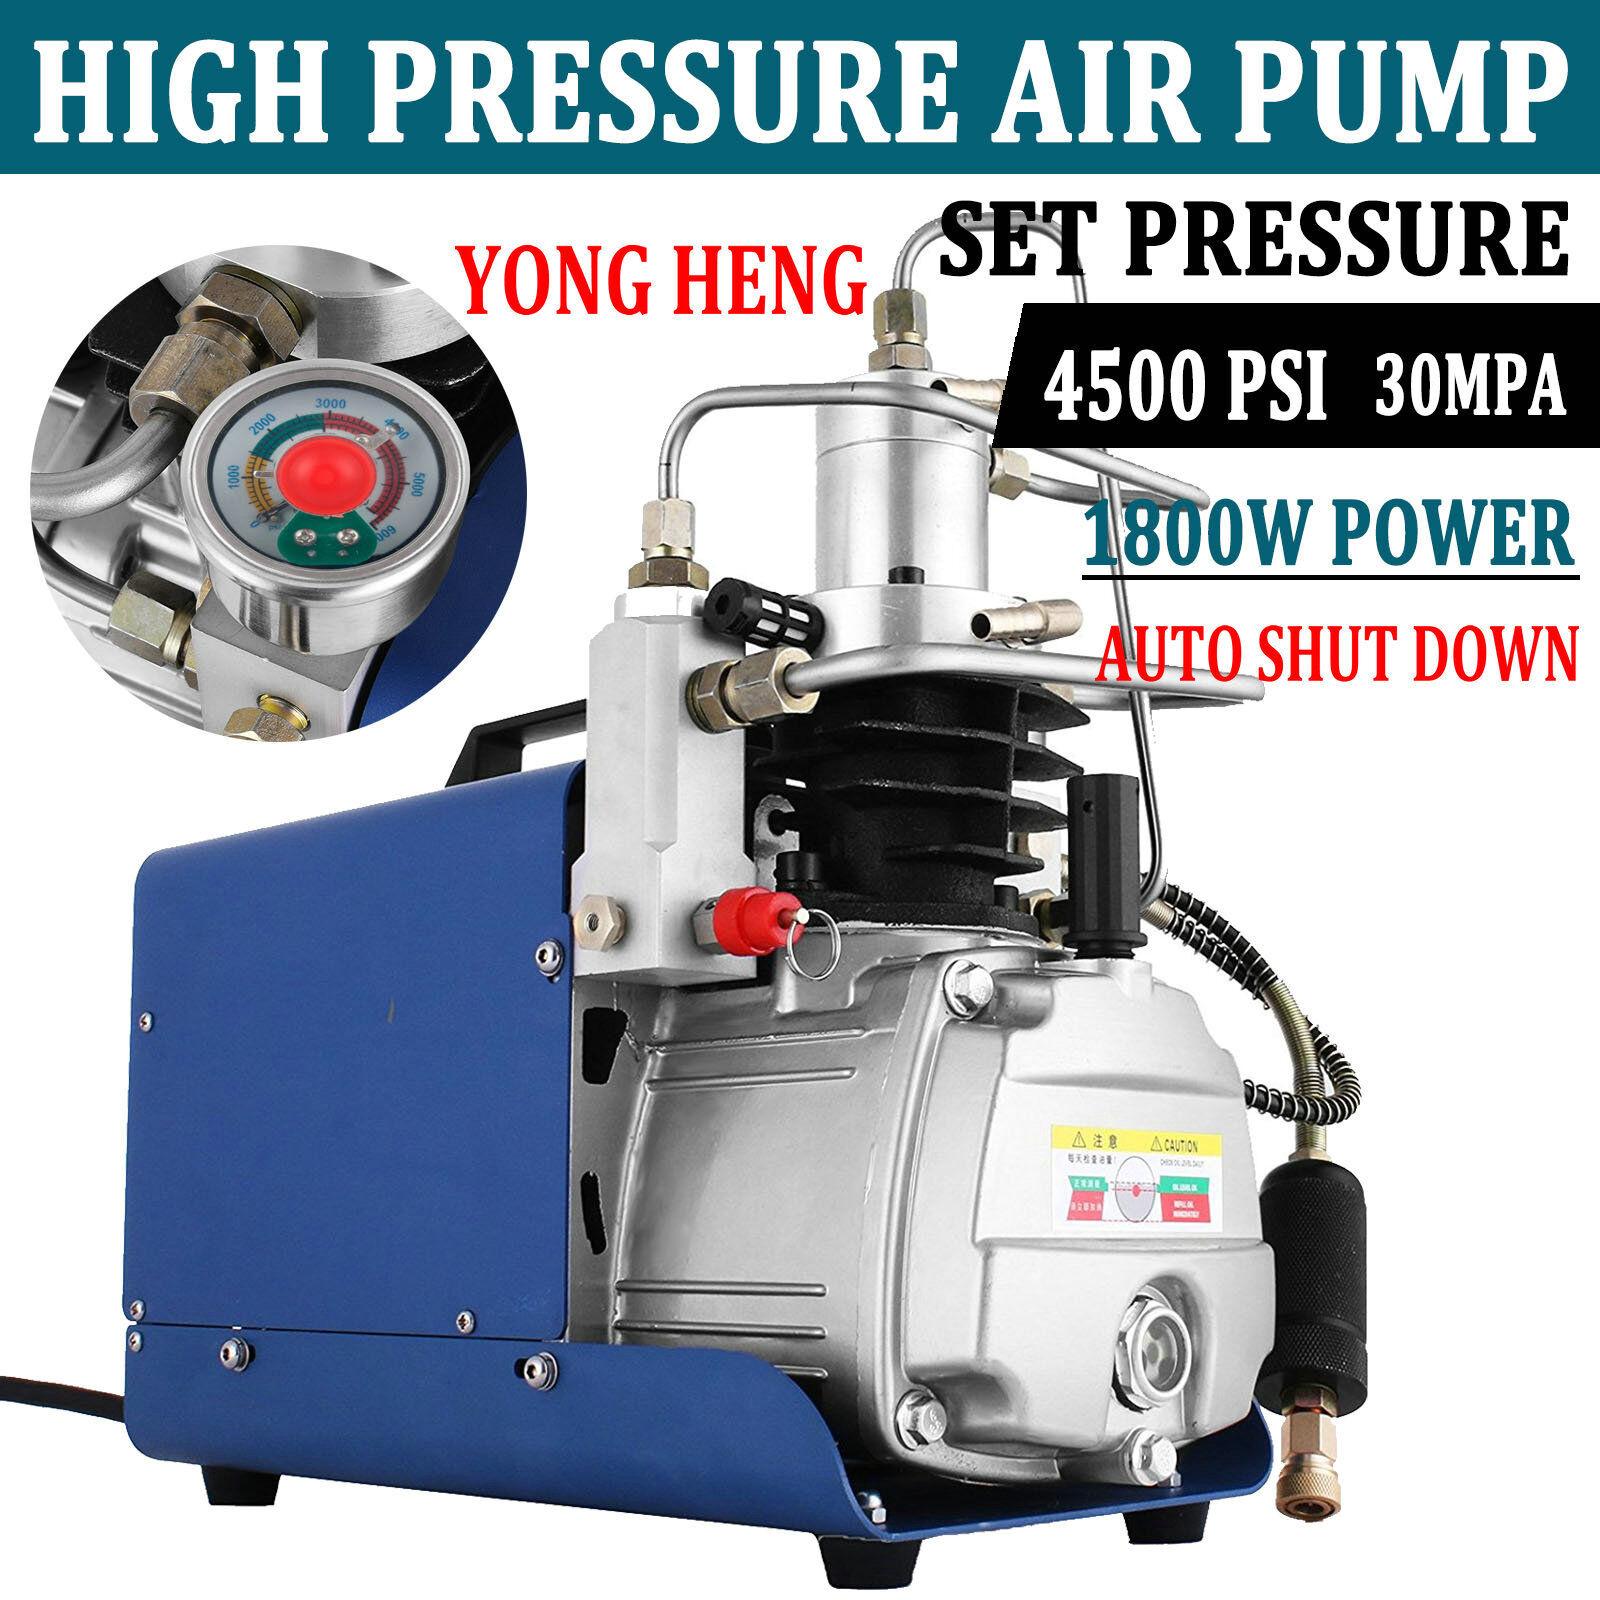 YONG HENG 30MPa Air Compressor Pump PCP Electric 4500PSI Hig